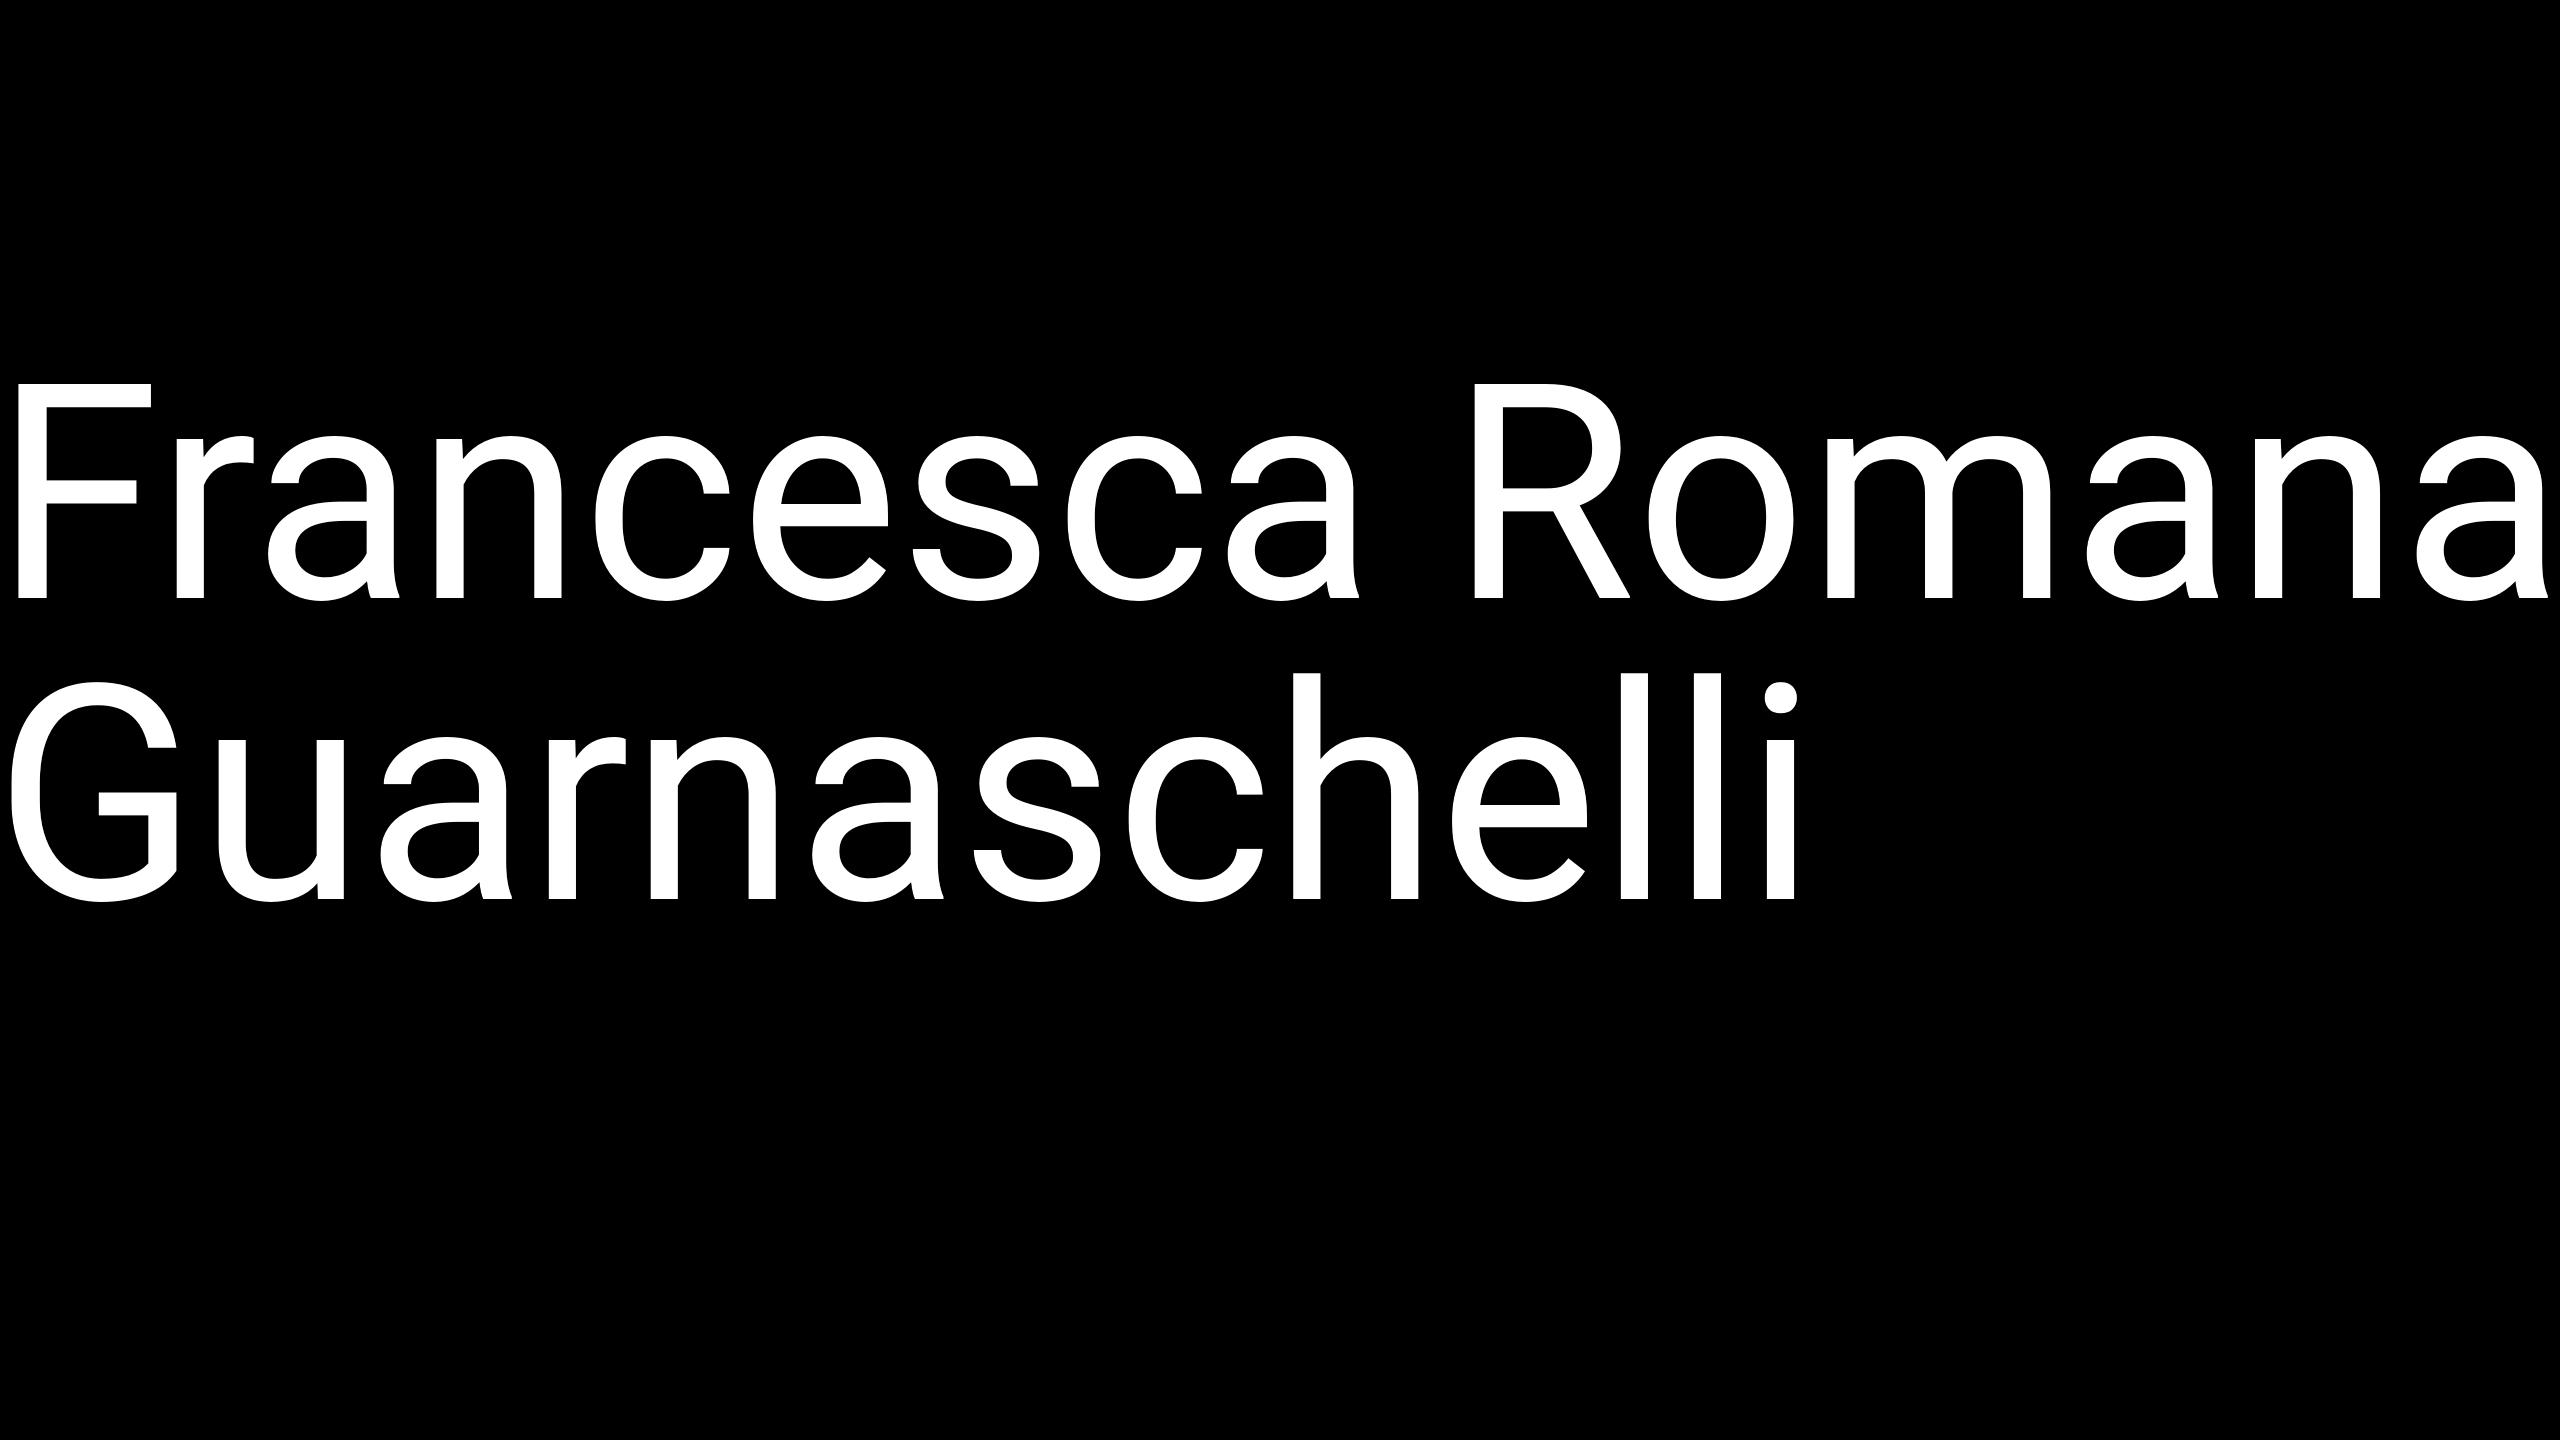 Francesca Romana Guarnaschelli